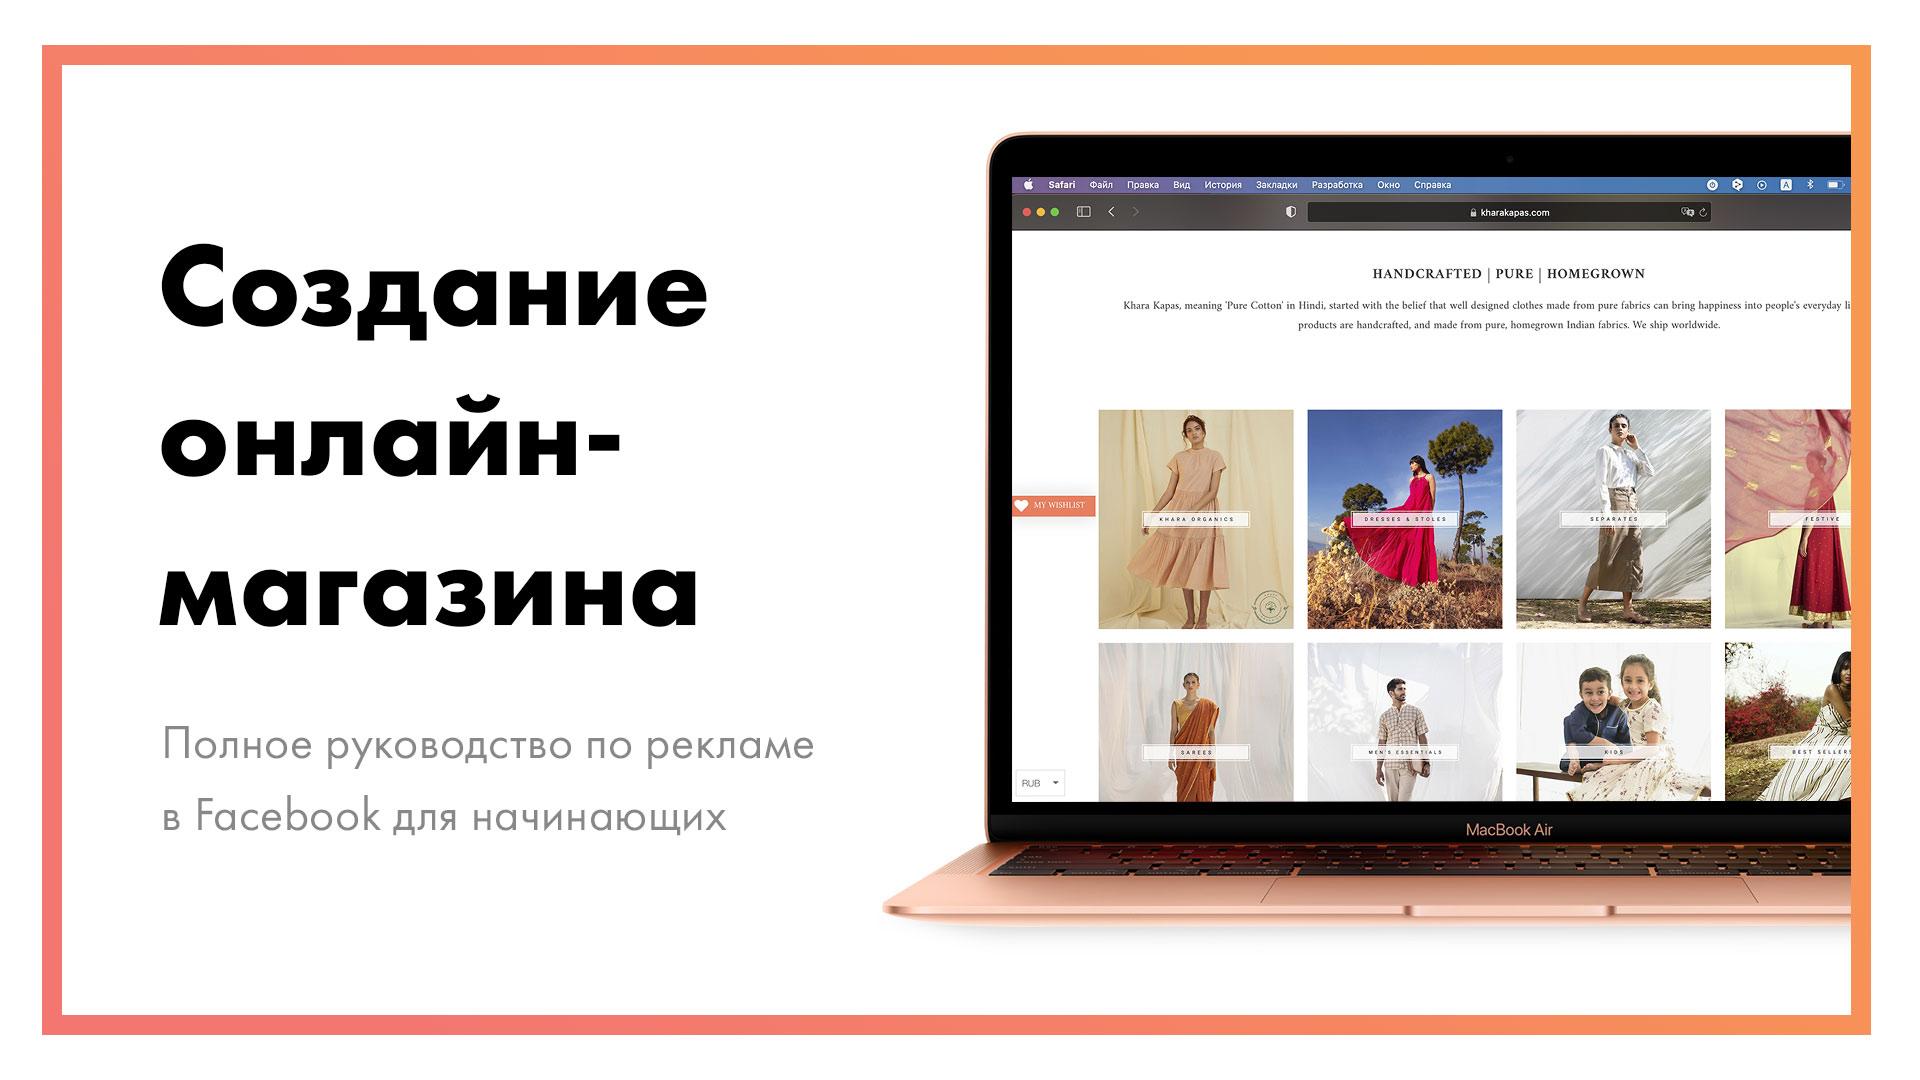 Онлайн-магазин-–-как-создать-с-нуля-за-7-шагов-[пошаговая-инструкция].jpg